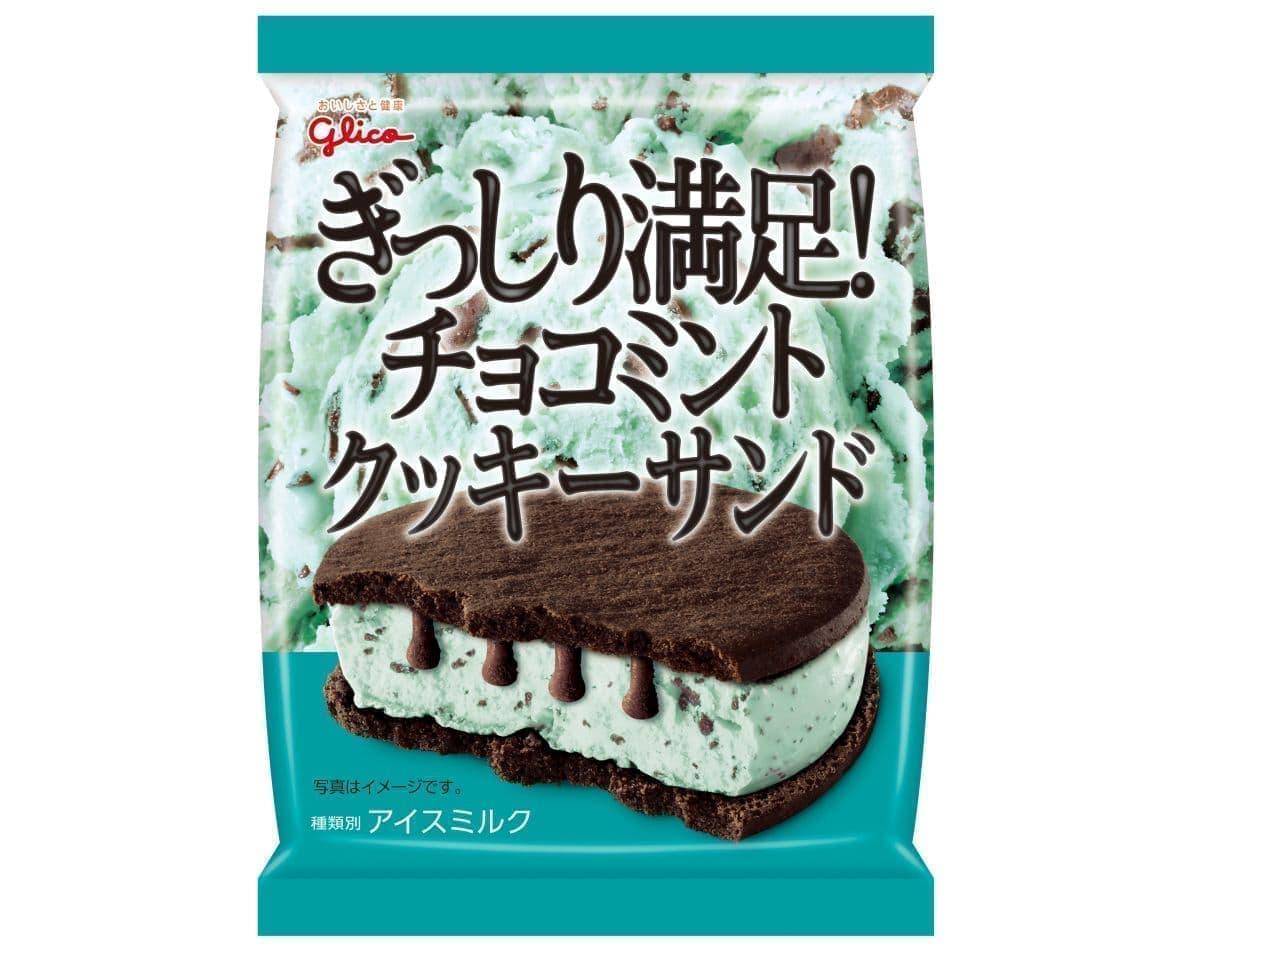 ファミマ「ぎっしり満足!チョコミントクッキーサンド」